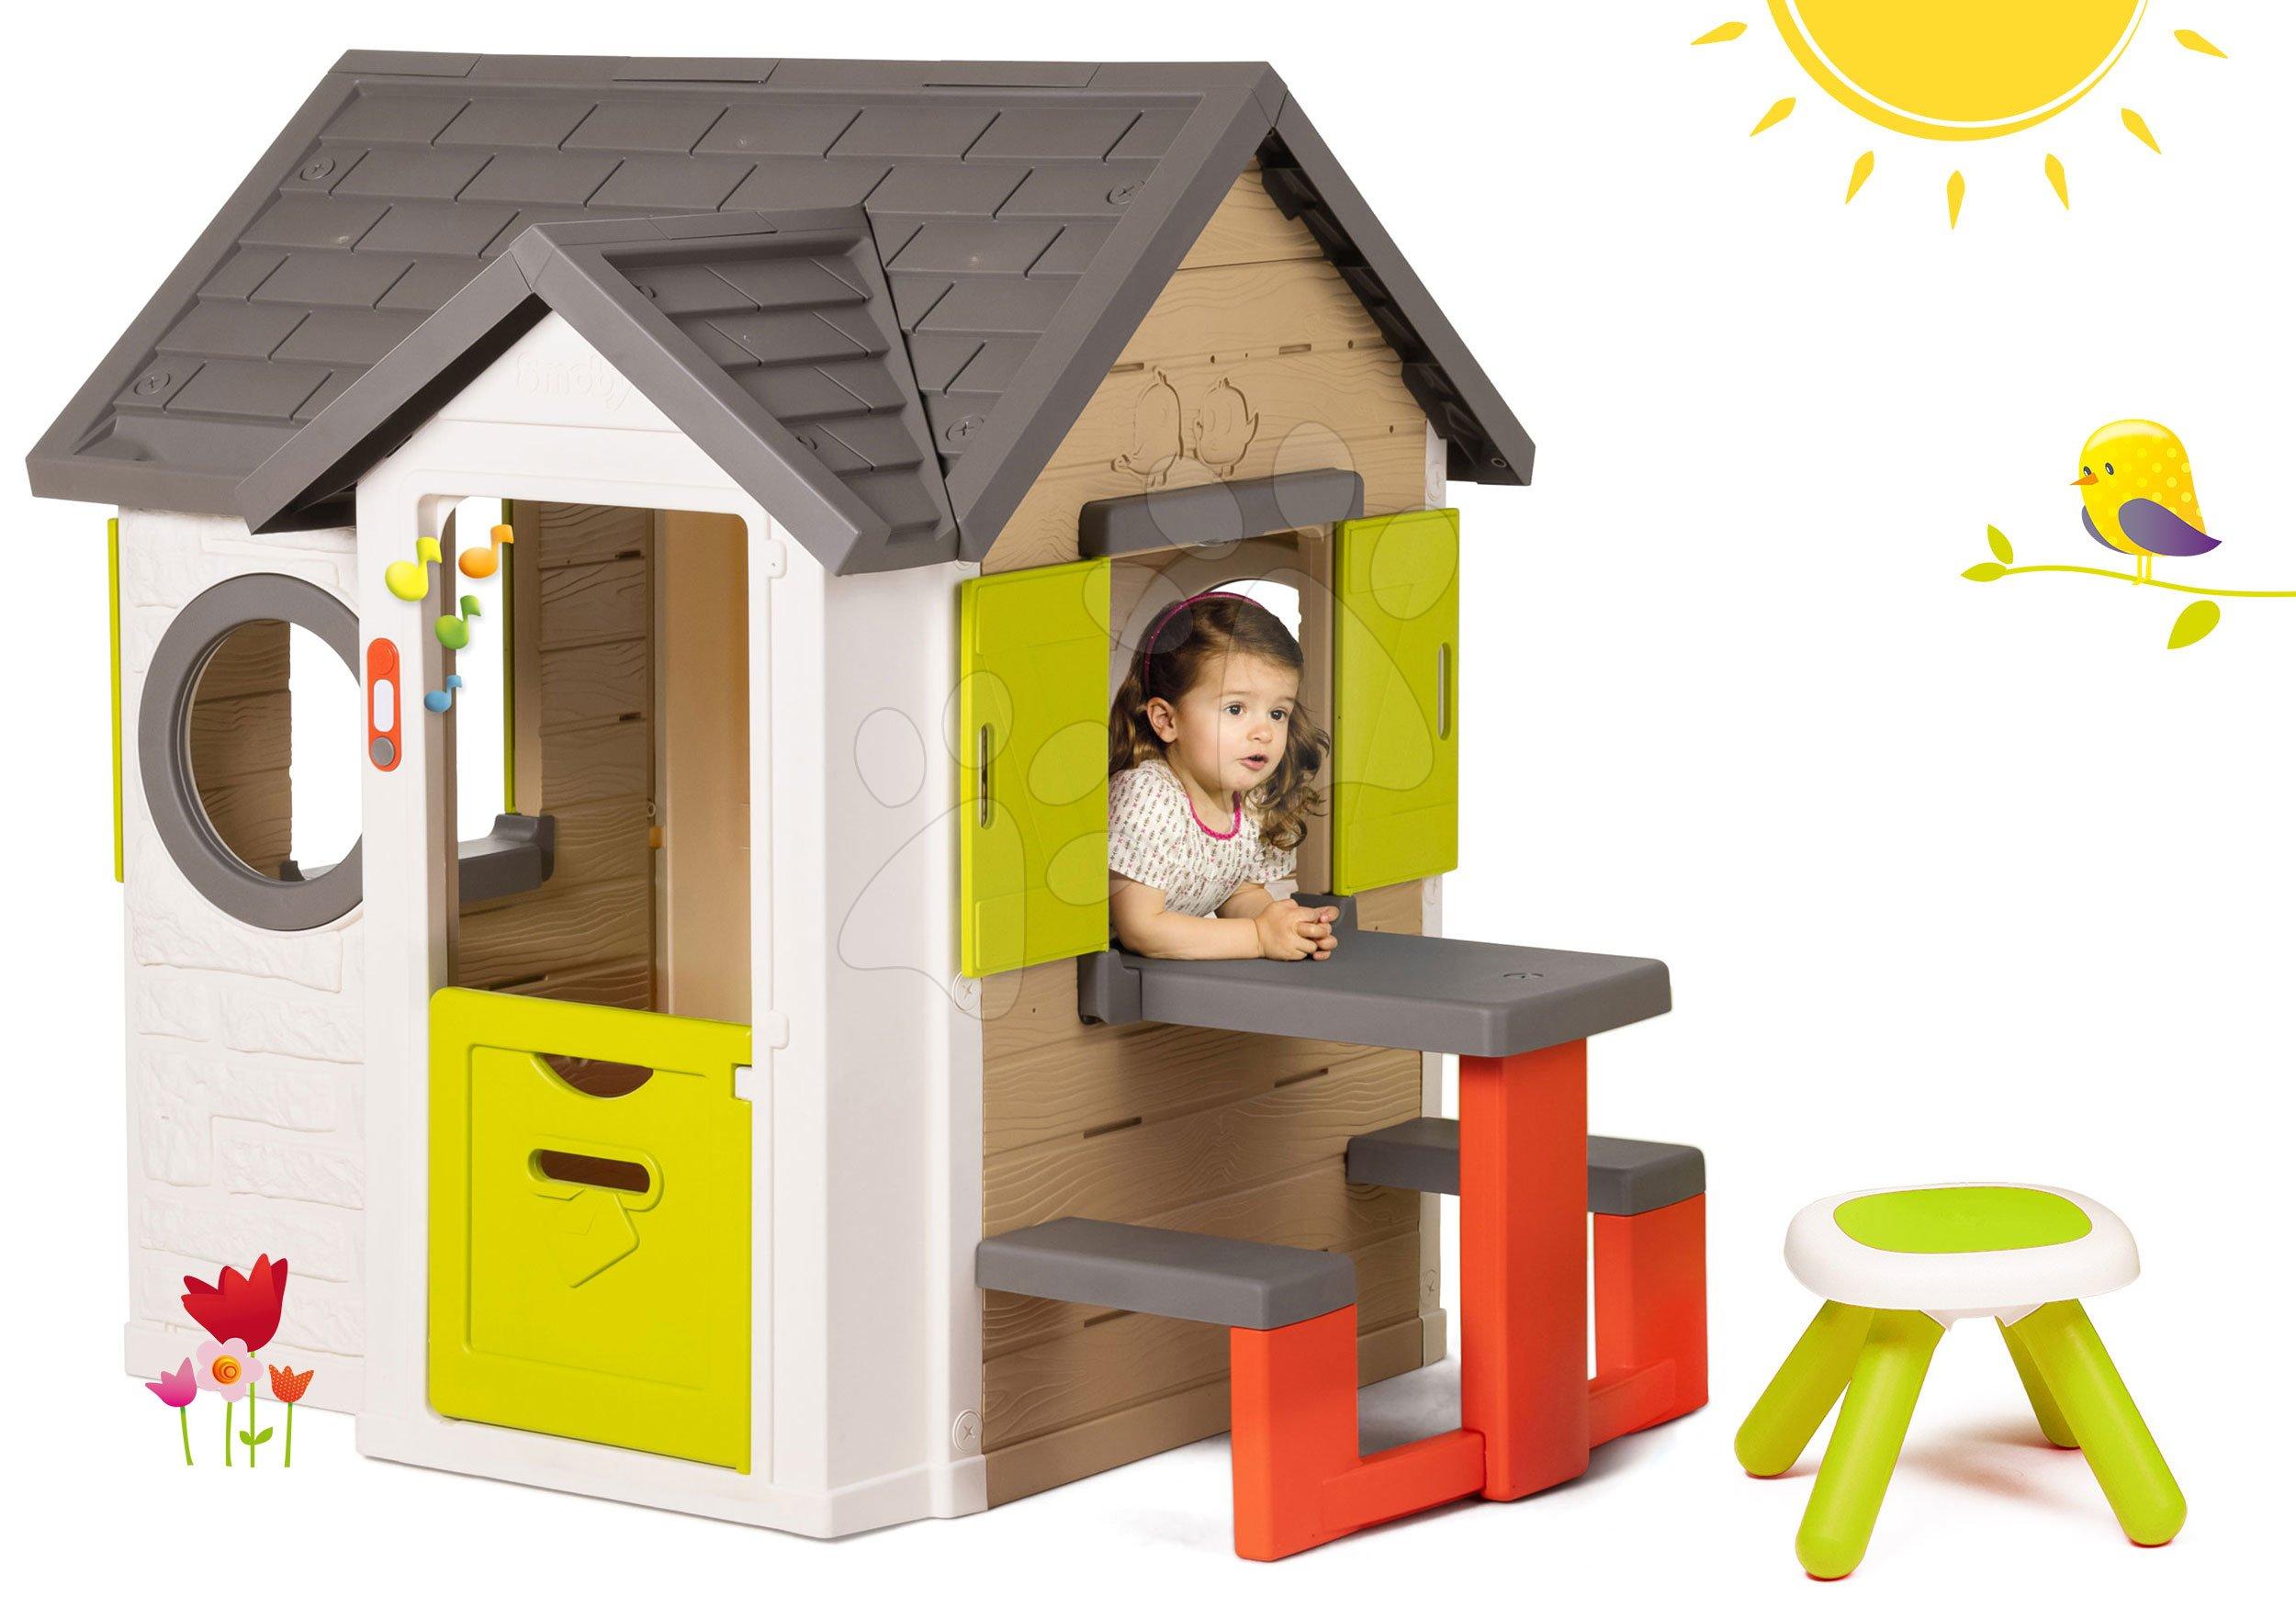 Smoby set detský domček My House Smoby so zvončekom a darček taburetka KidStool 810401-16